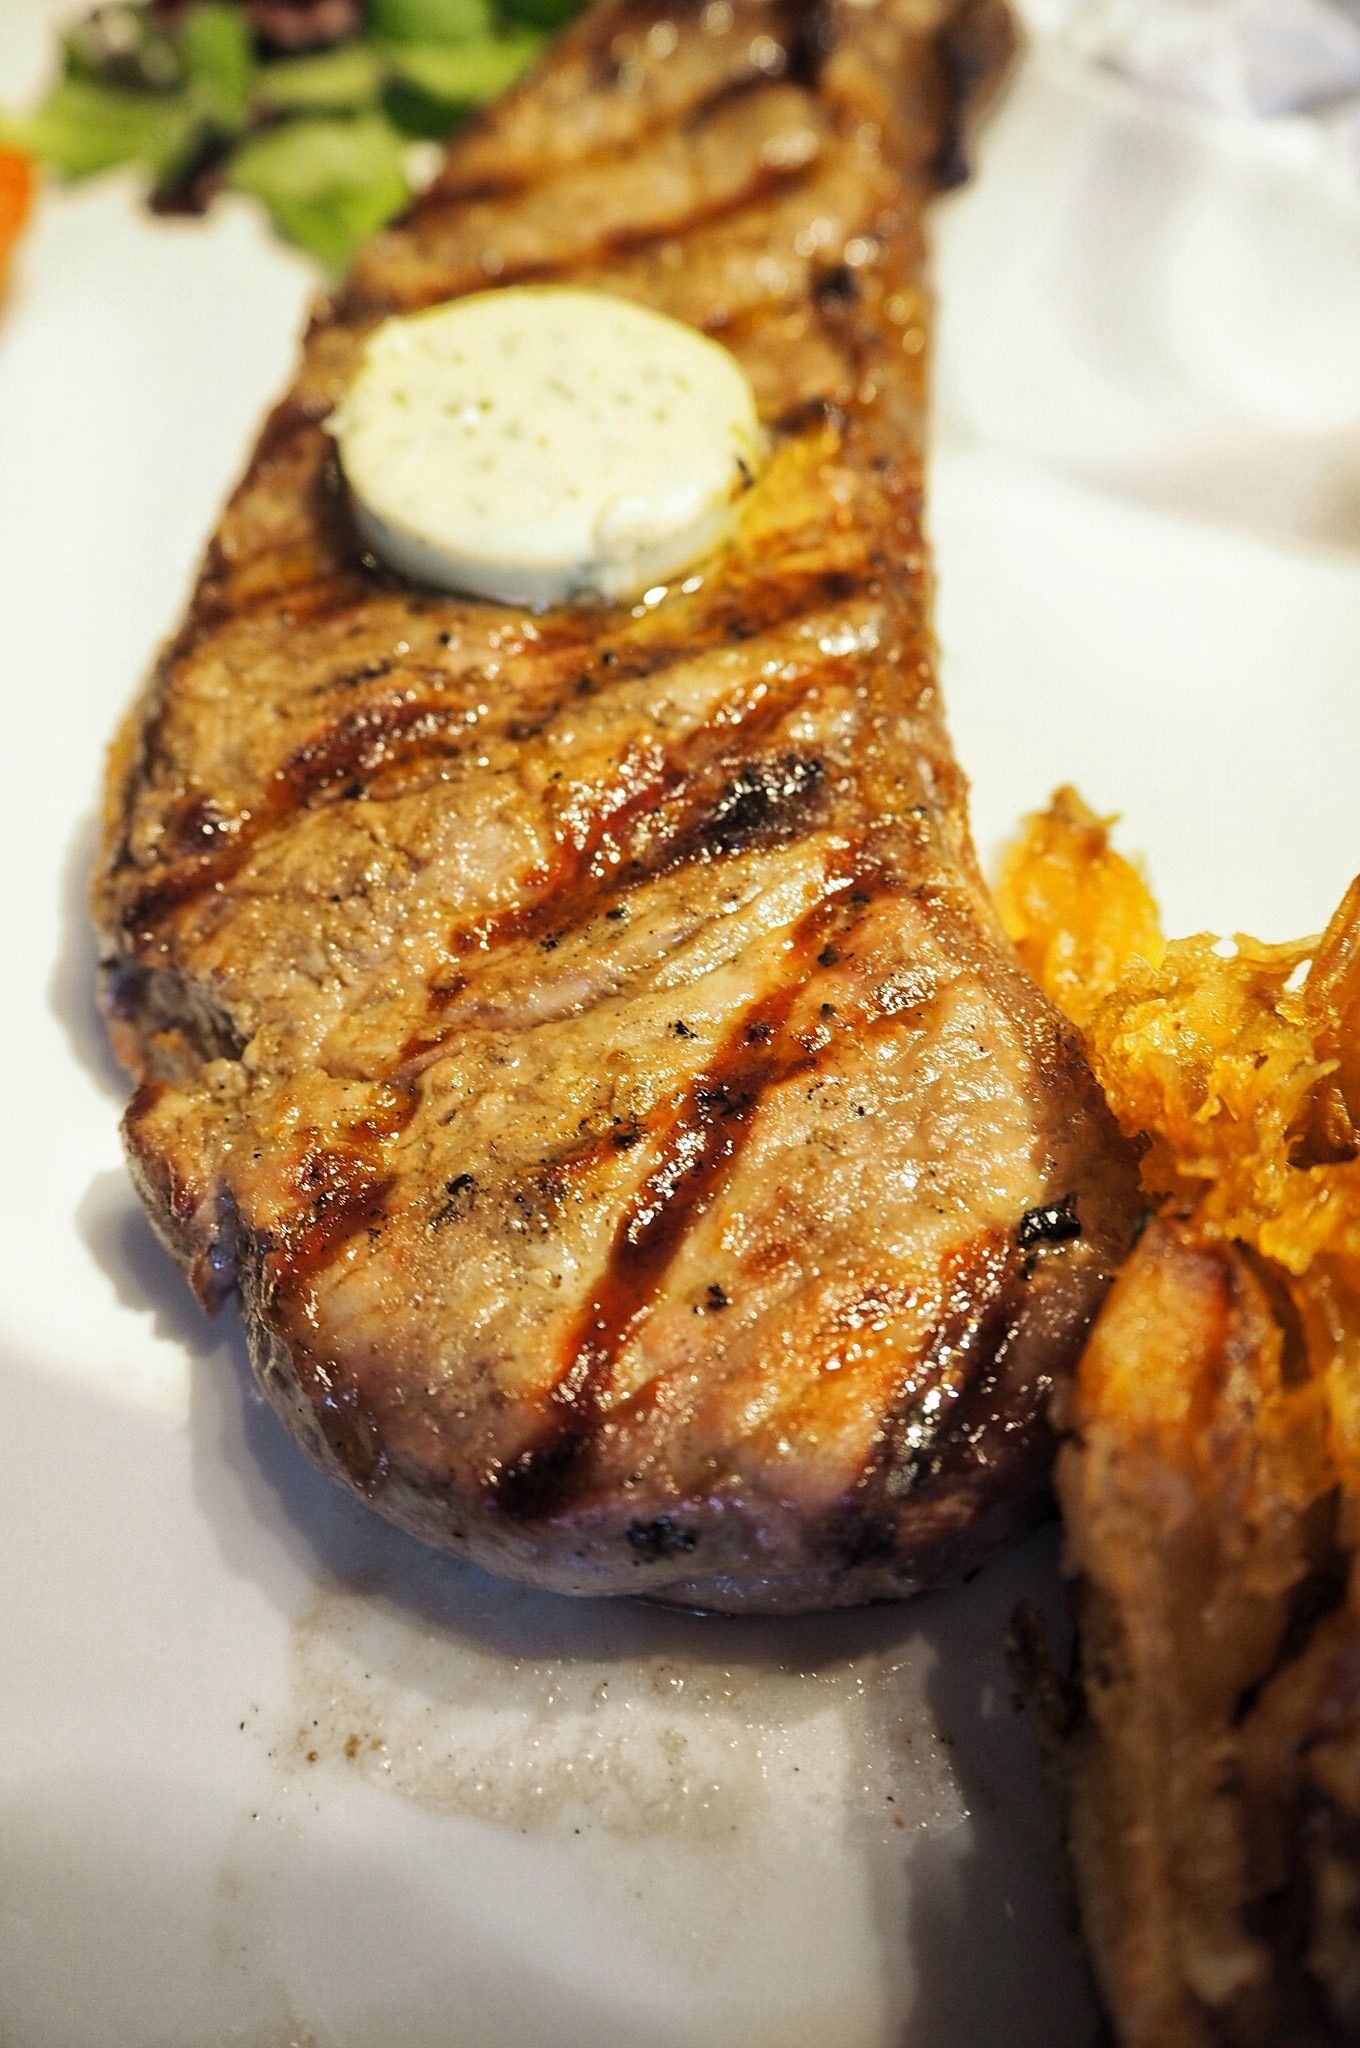 sirloin steak Miller and Carter steakhouse Milton Keynes